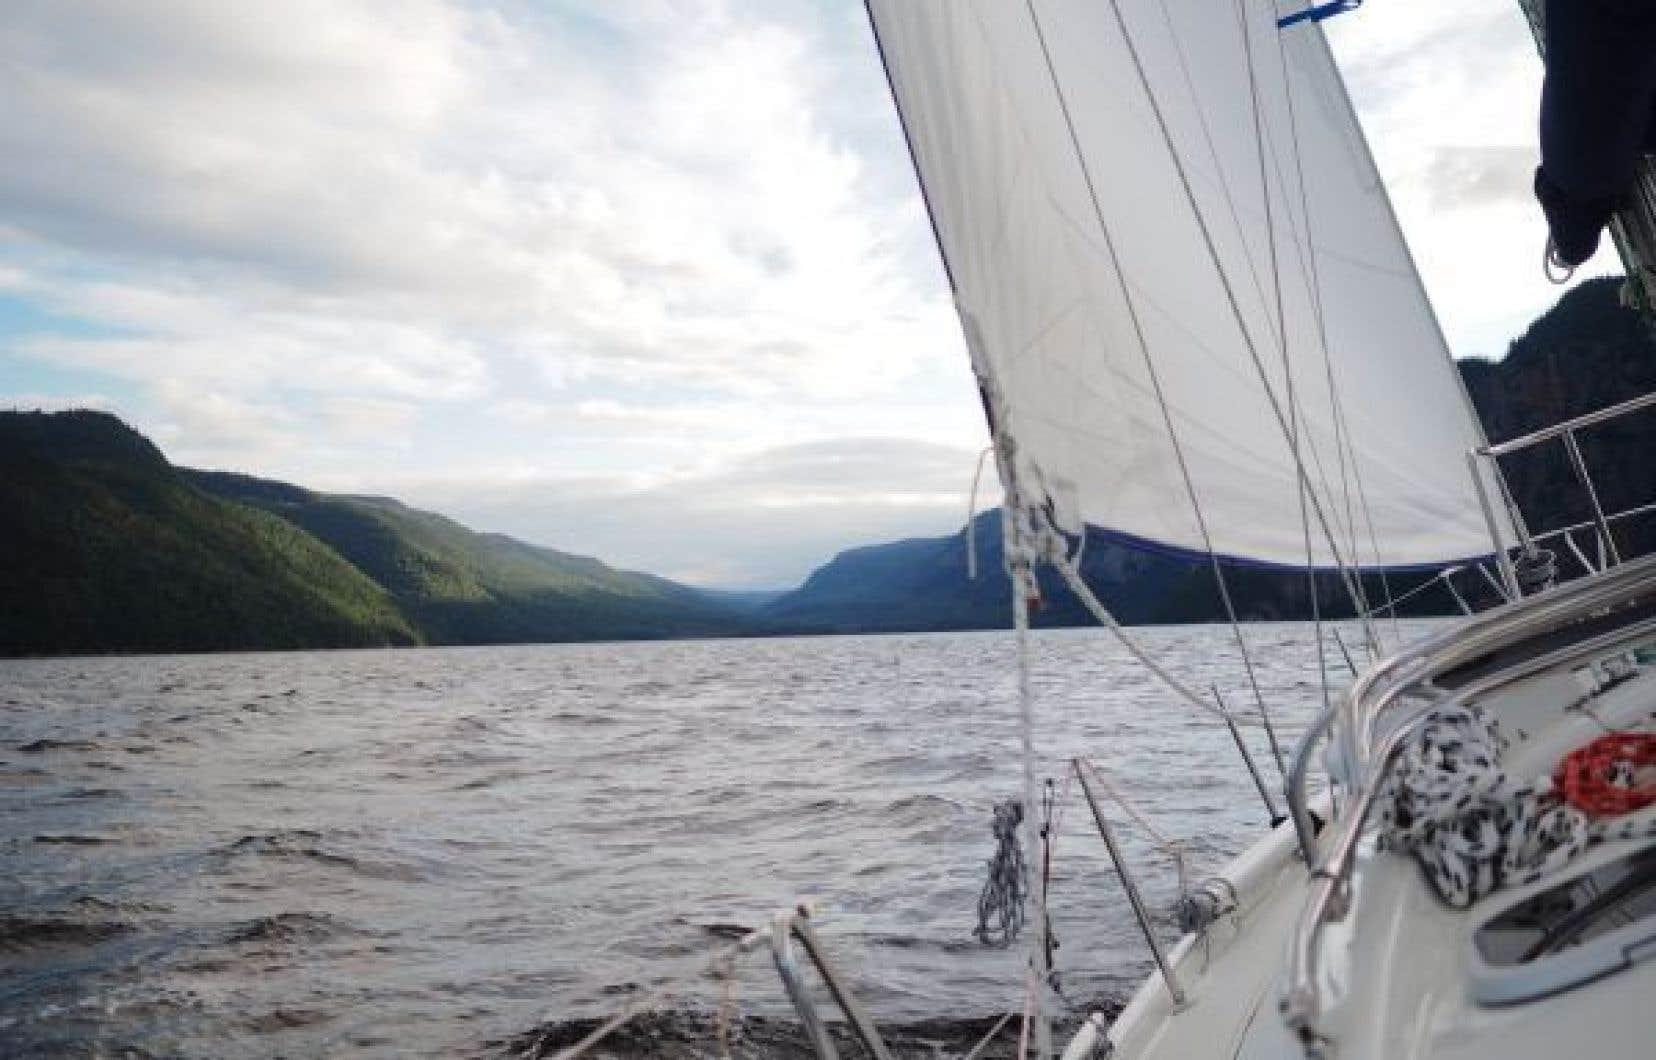 Lorsque le voilier atteint le parfait équilibre entre tous les éléments de la nature, il file doucement sur l'eau.